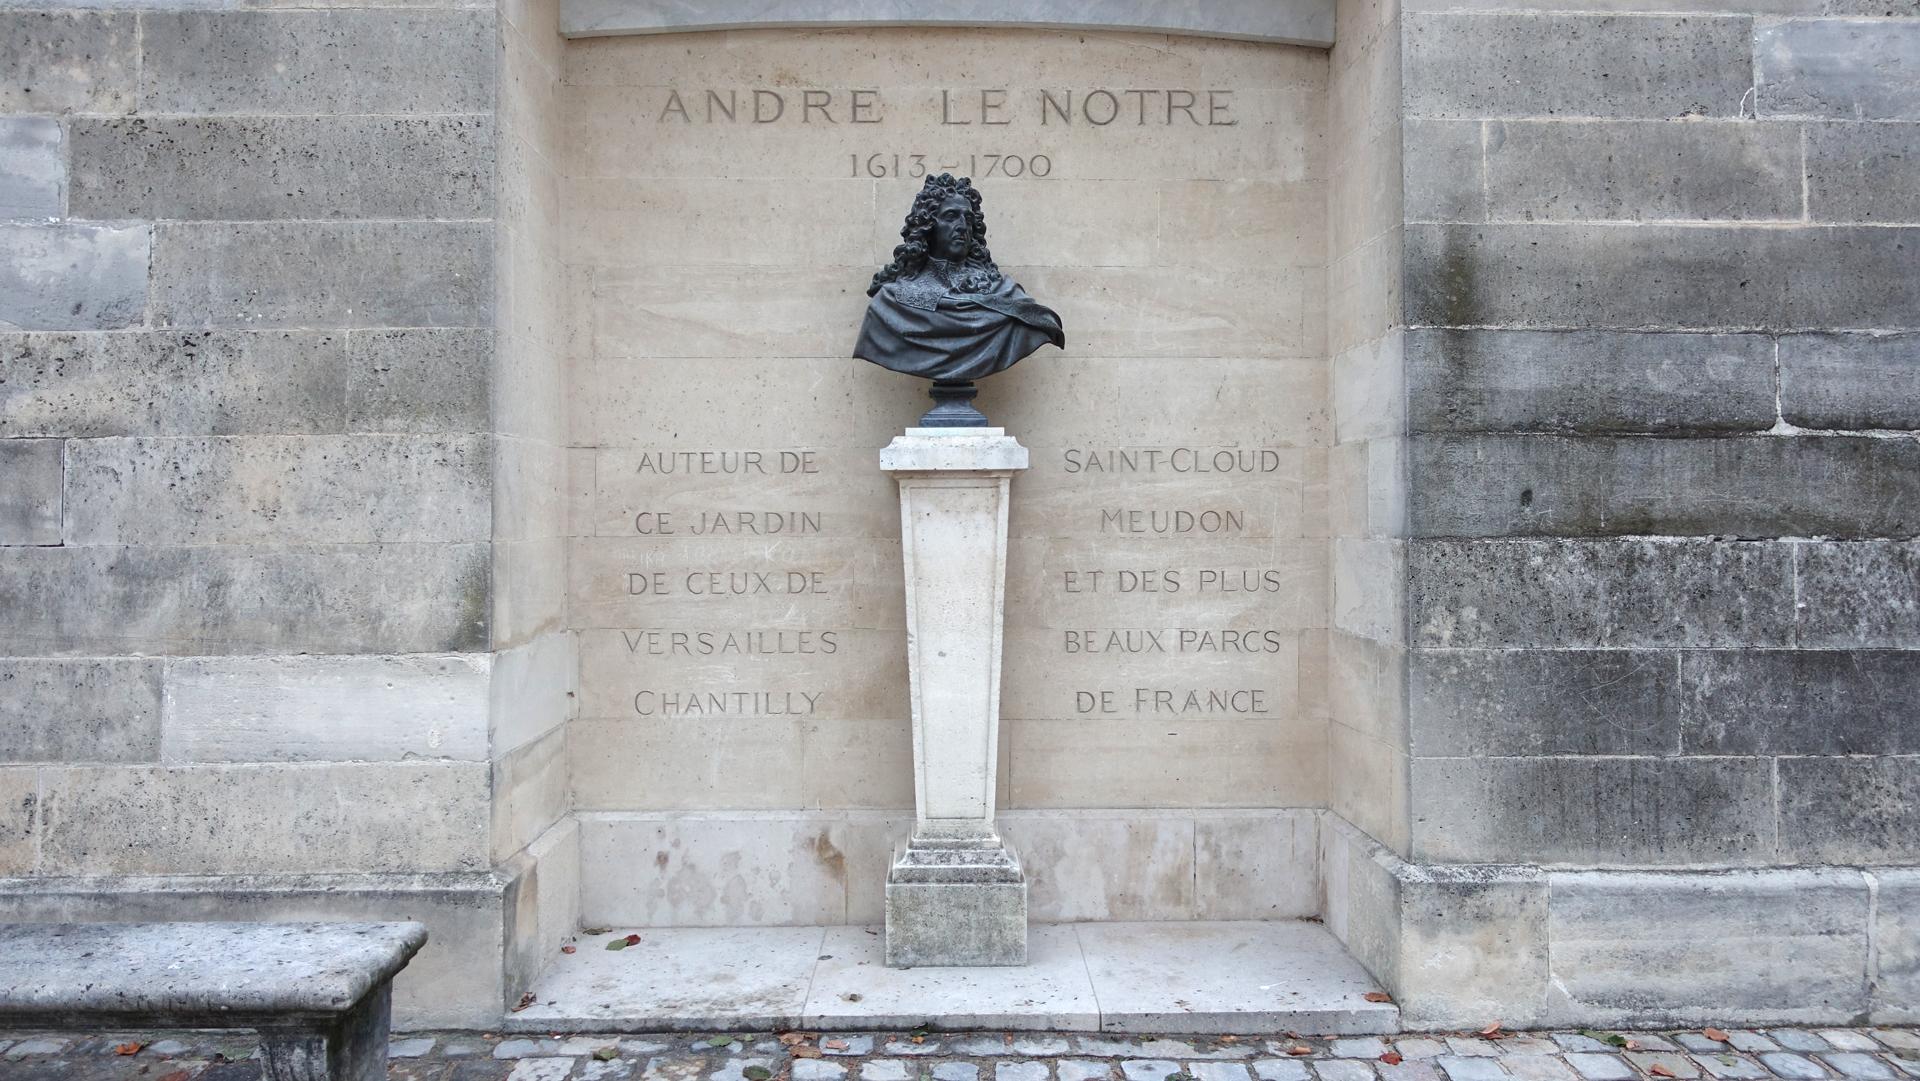 Andre Le Notre, creator of the origi